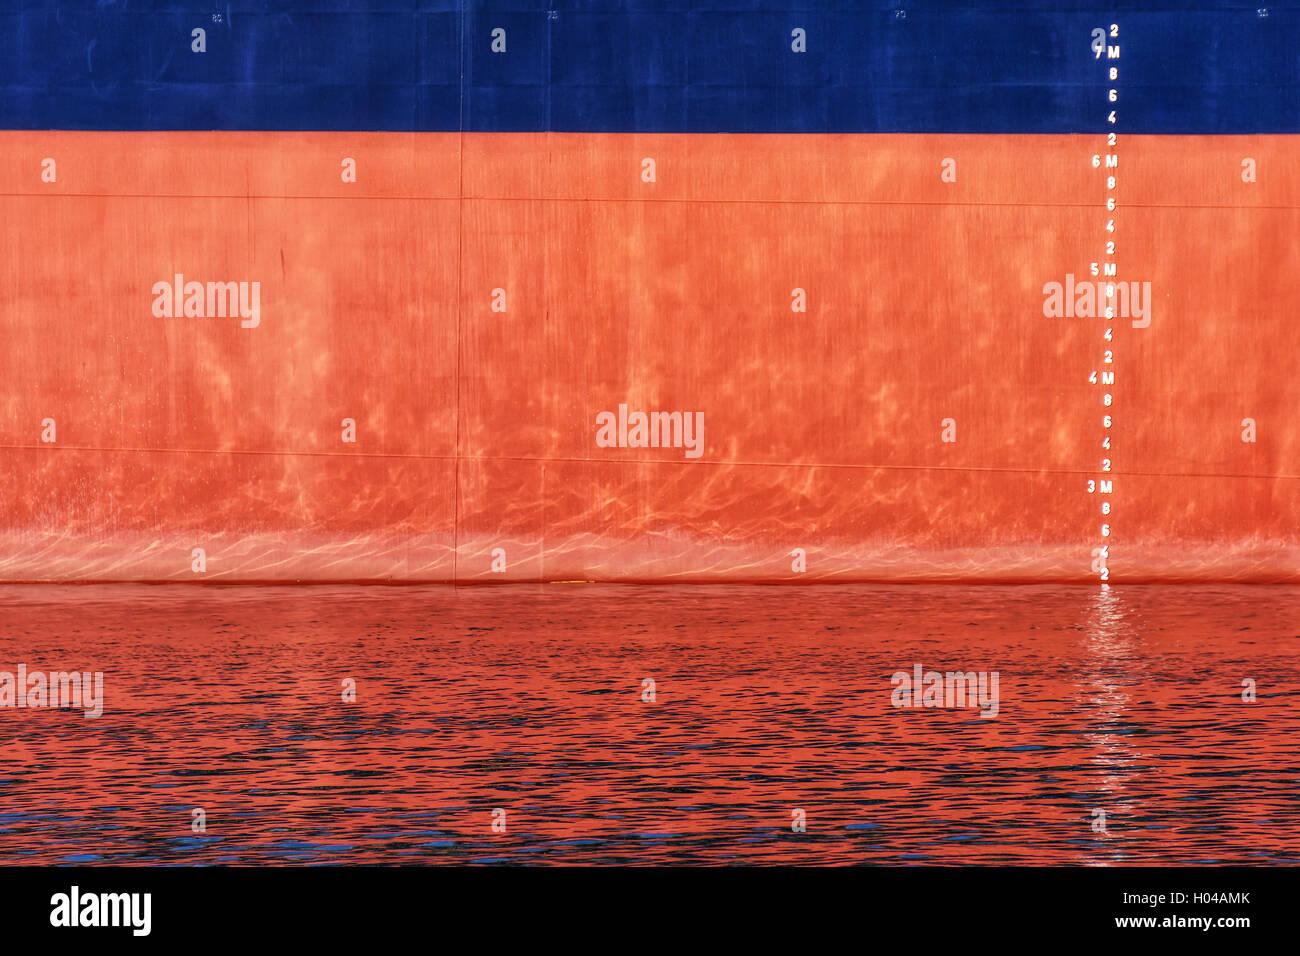 Wasserlinie Skala Zahlen auf einem Schiff Stockbild